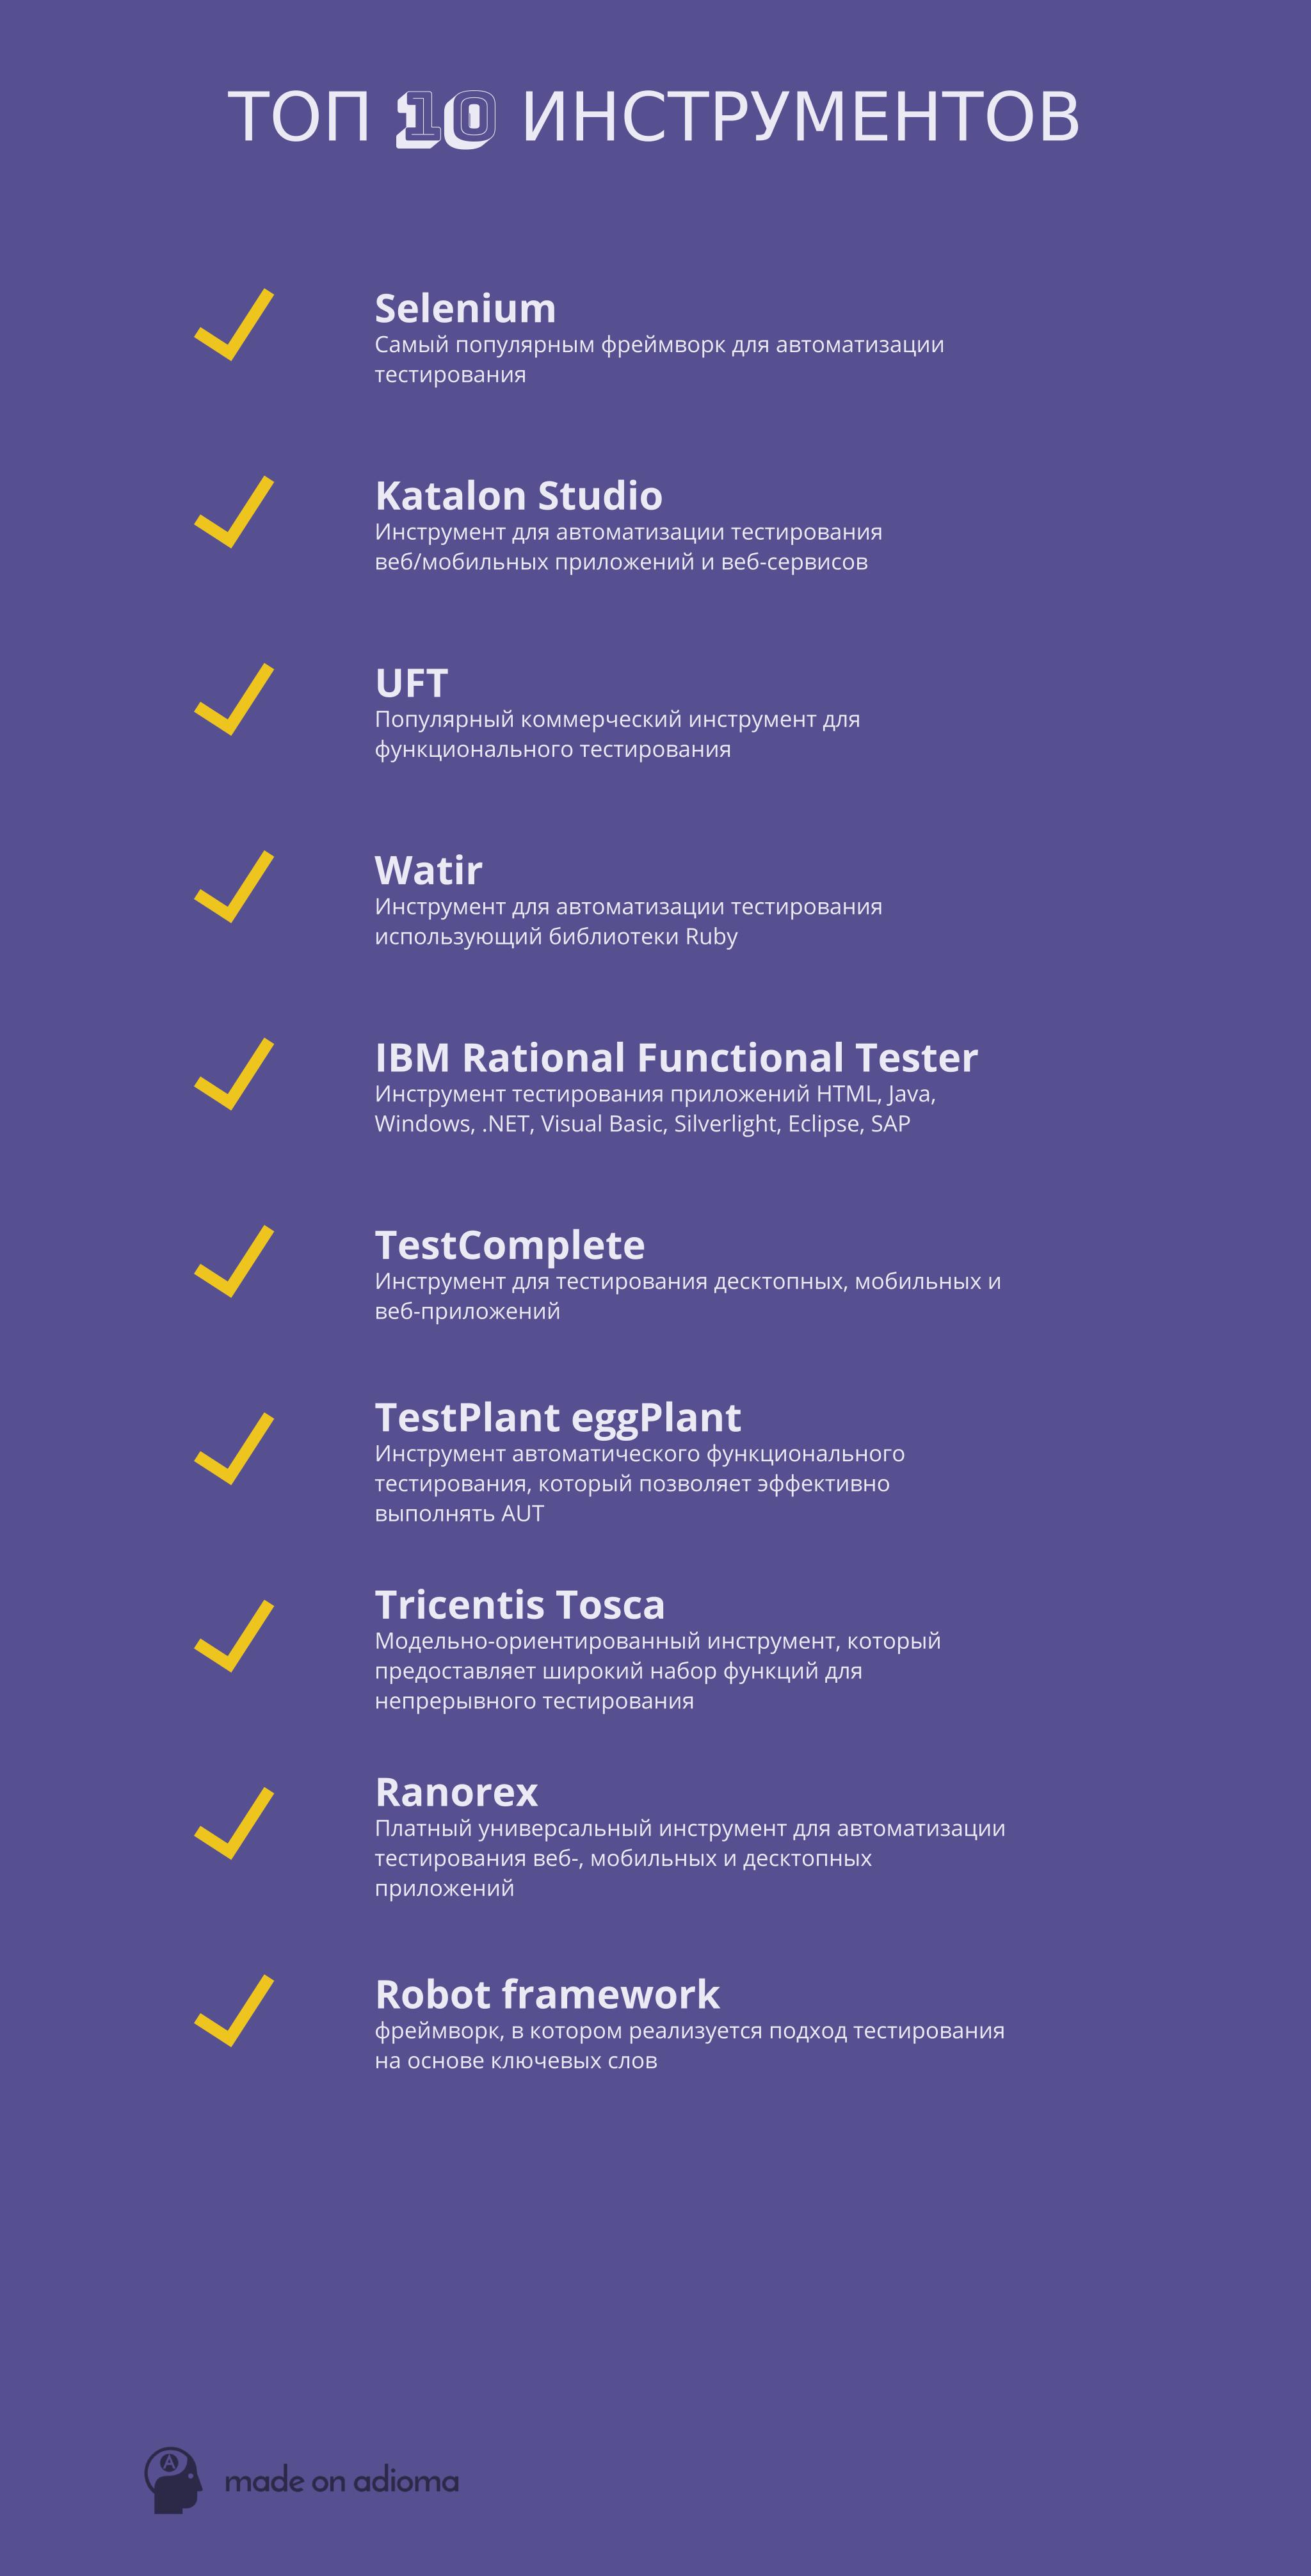 Топ 10 инструментов автоматизации тестирования 2018 - 1